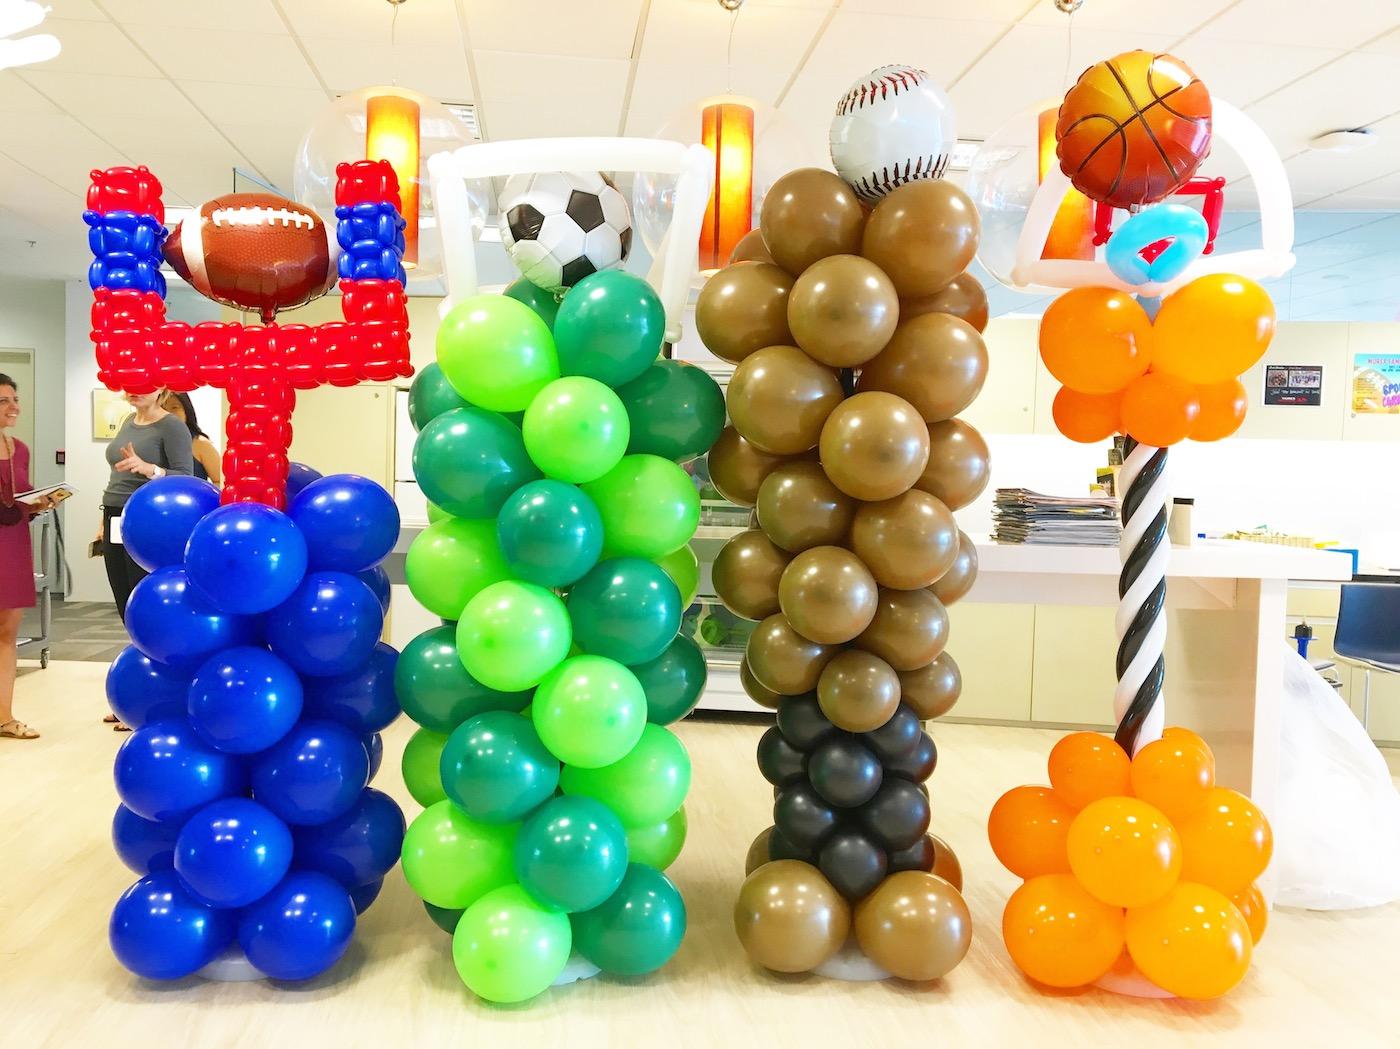 Sports theme balloon columns that balloons